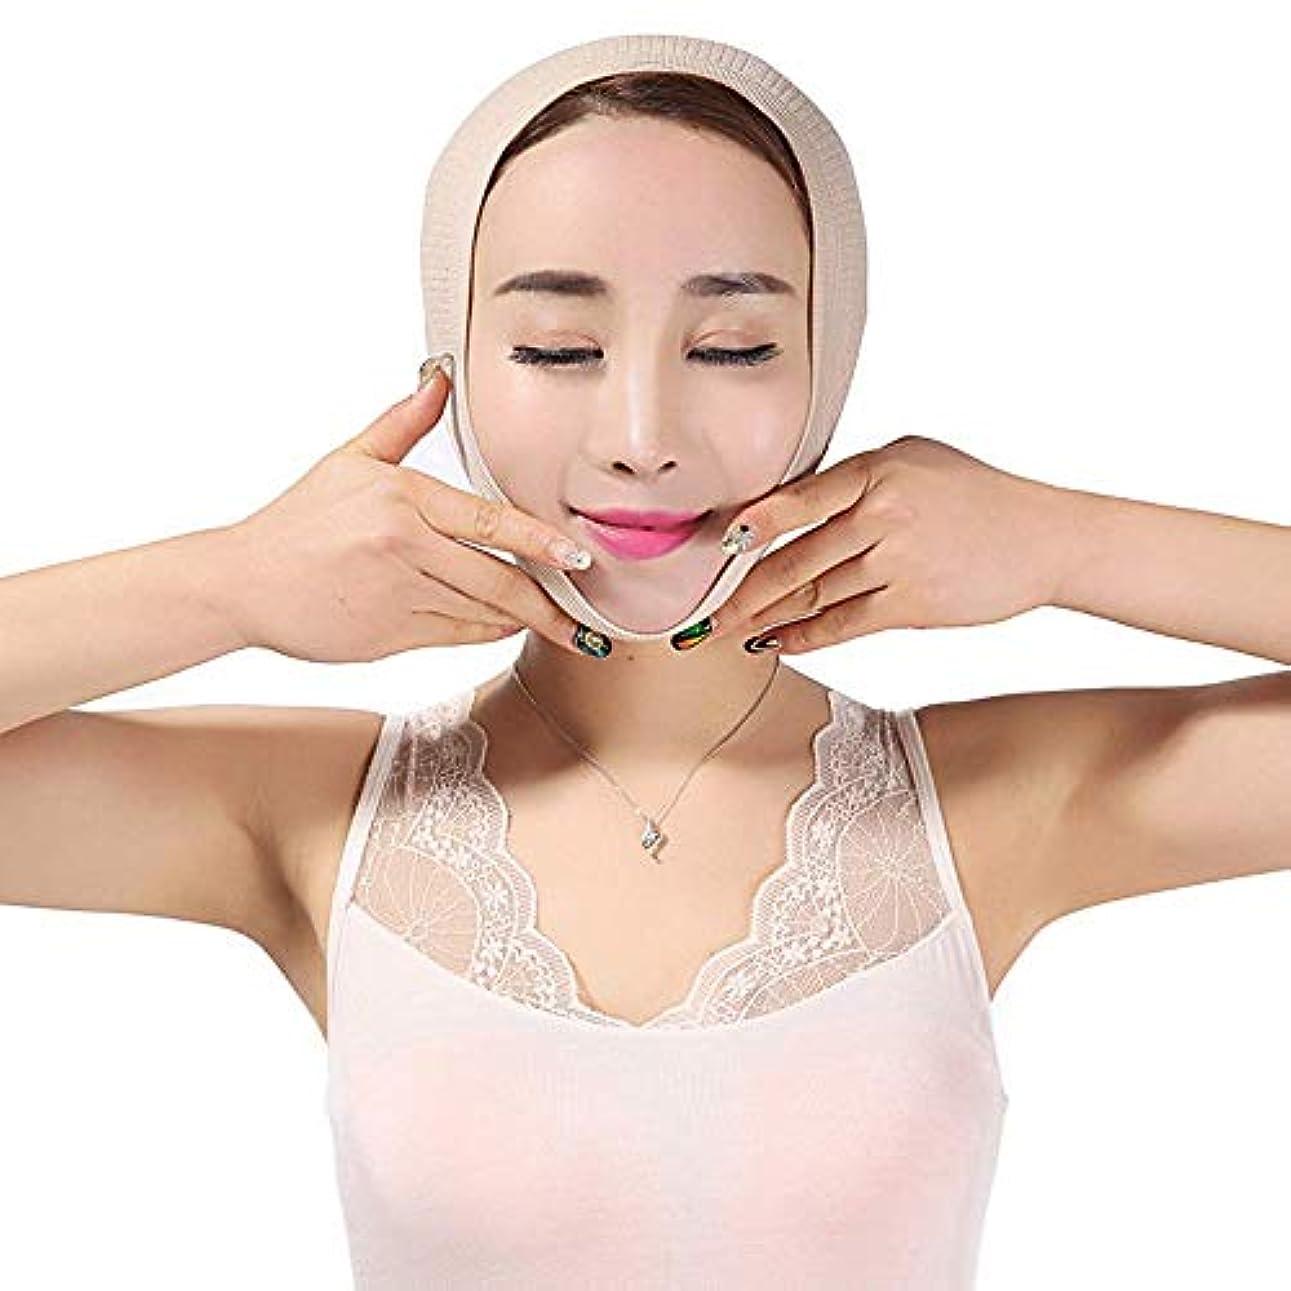 探すジュニアピル薄い顔の器械のマスクの改装の包帯Vの表面持ち上がることの引き締めの美顔術の二重最大の顔のマッサージャー